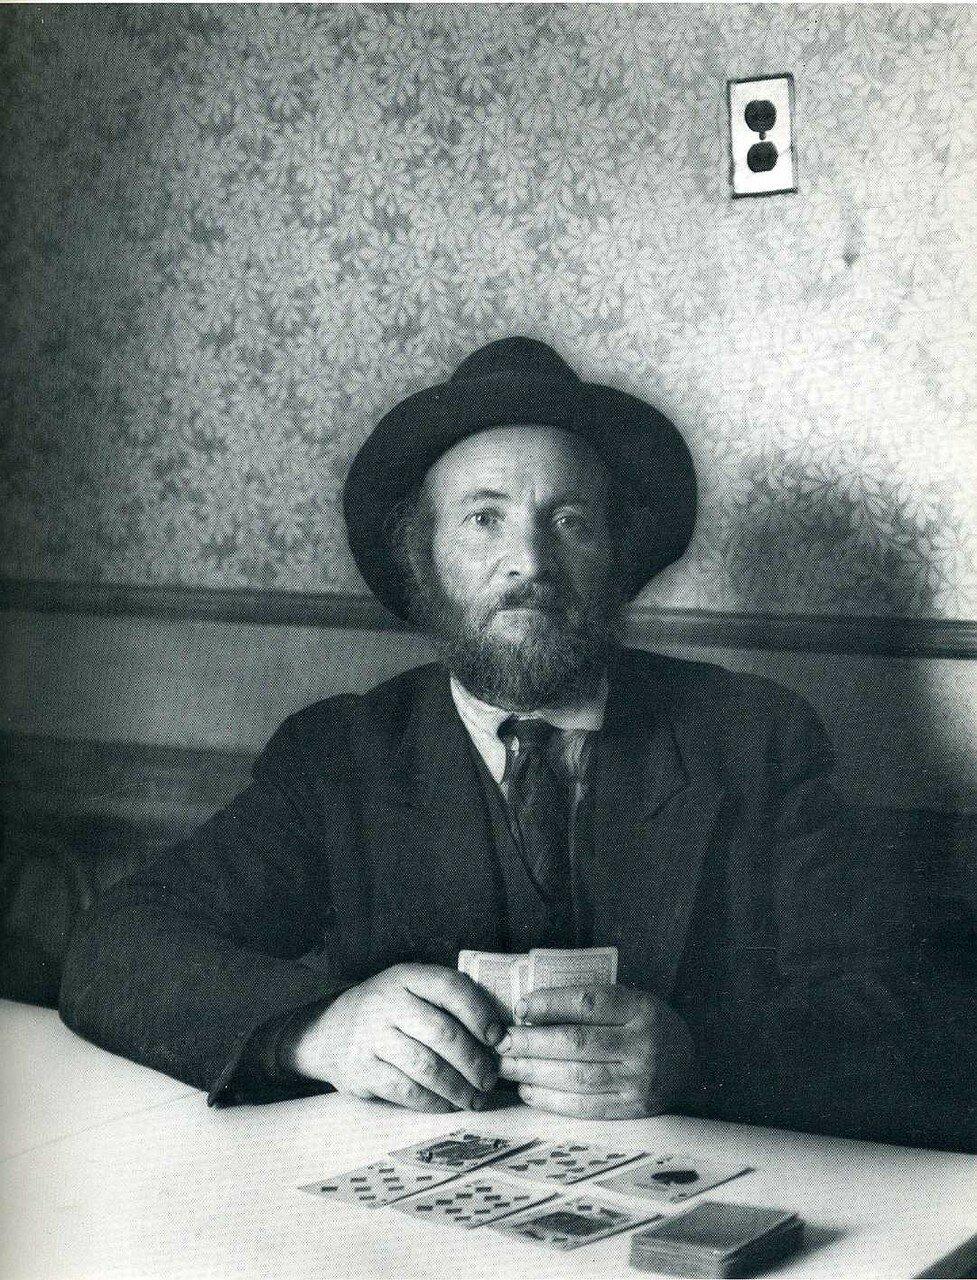 1932. Ист-сайдские портреты